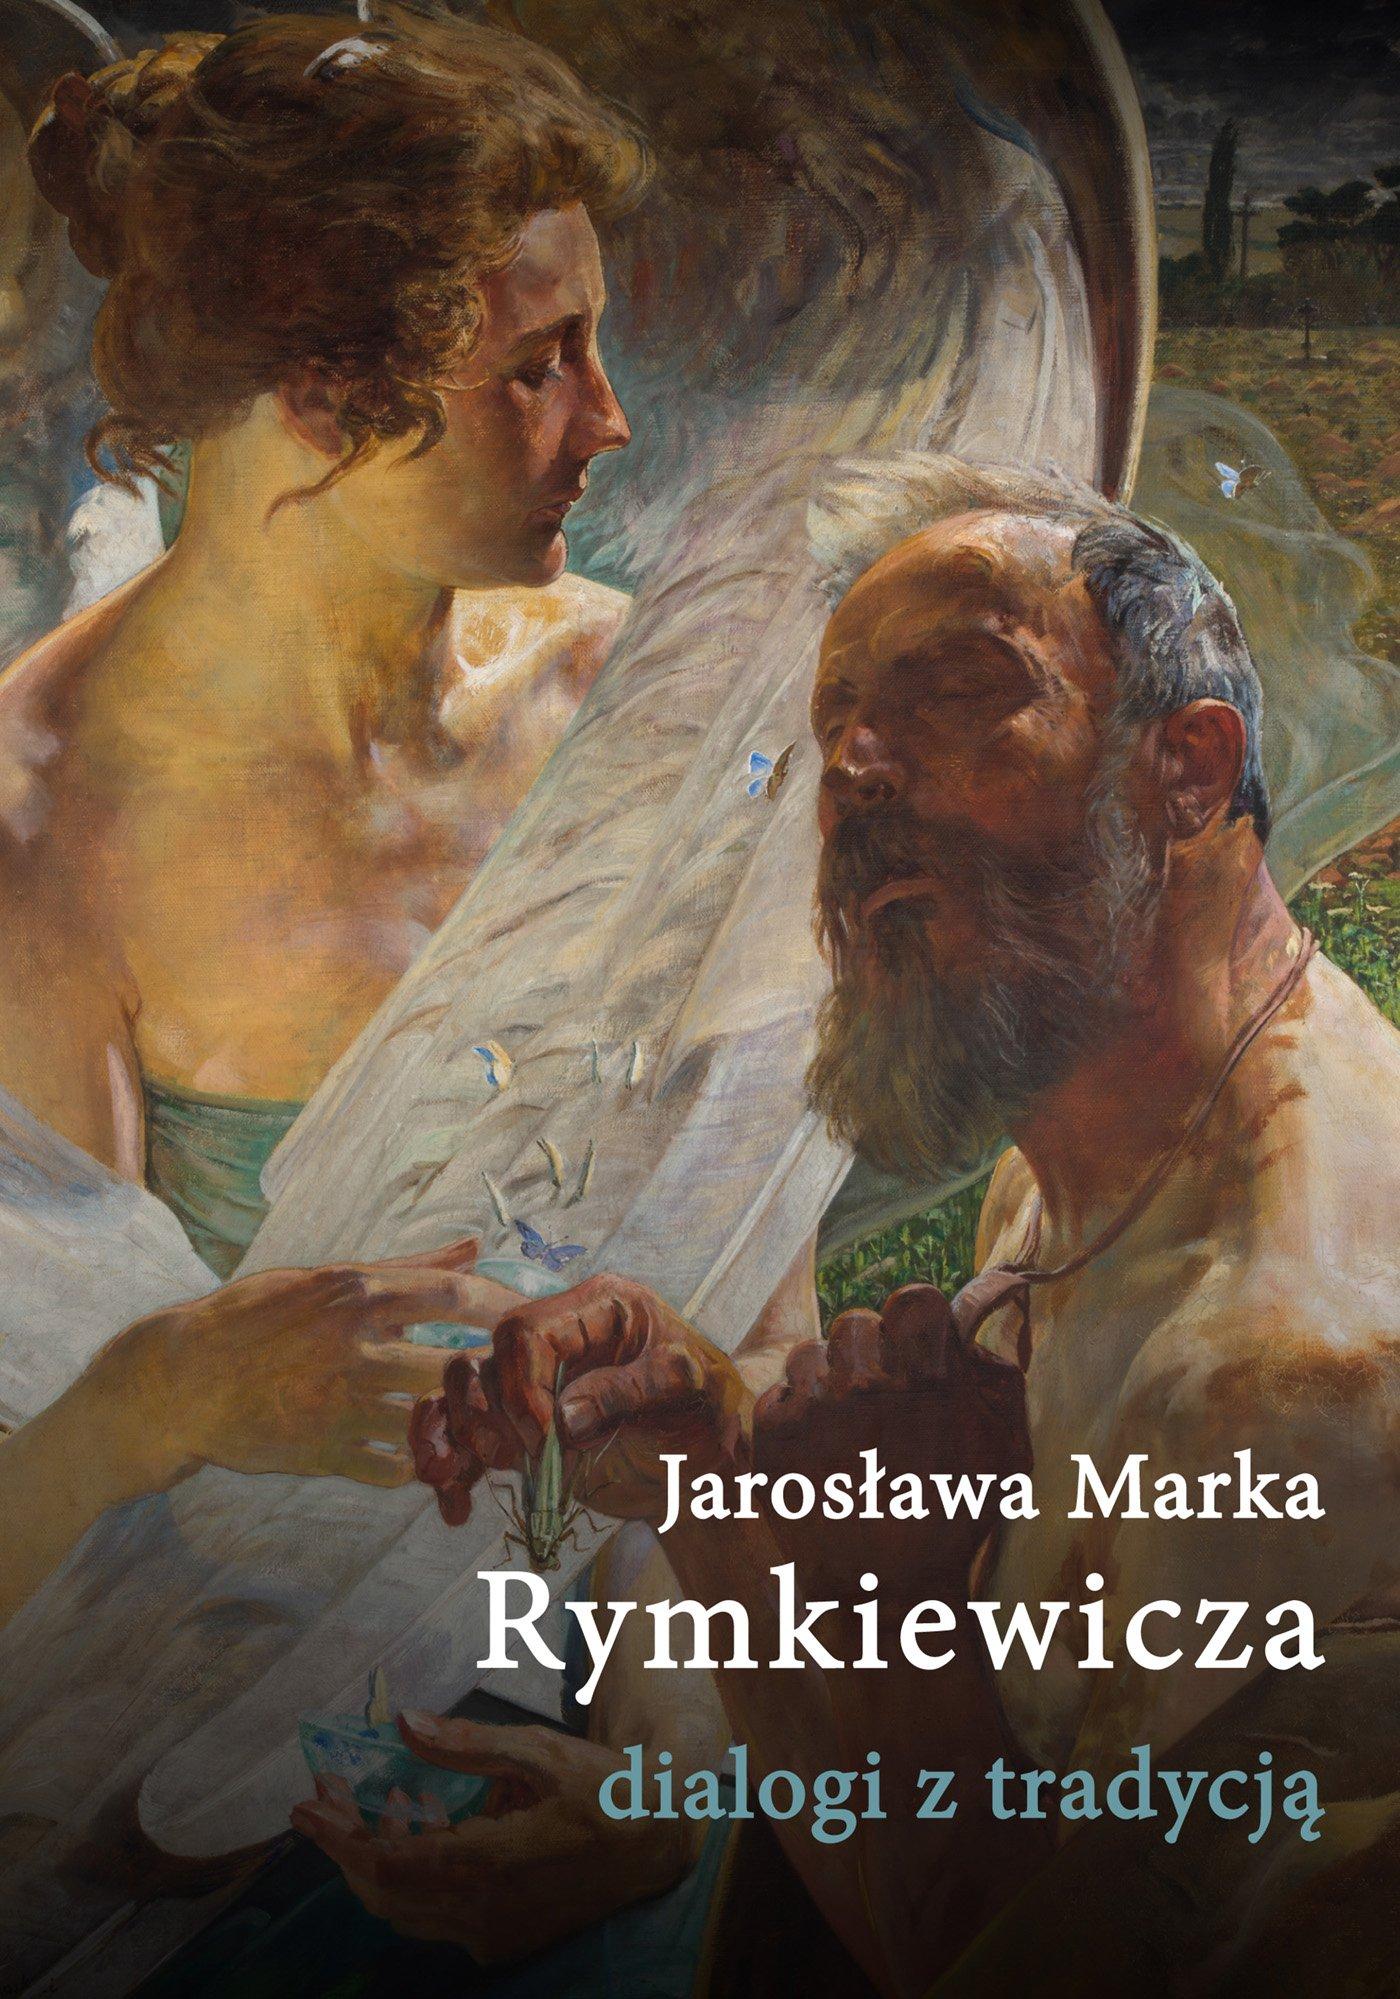 Jarosława Marka Rymkiewicza dialogi z tradycją - Ebook (Książka na Kindle) do pobrania w formacie MOBI